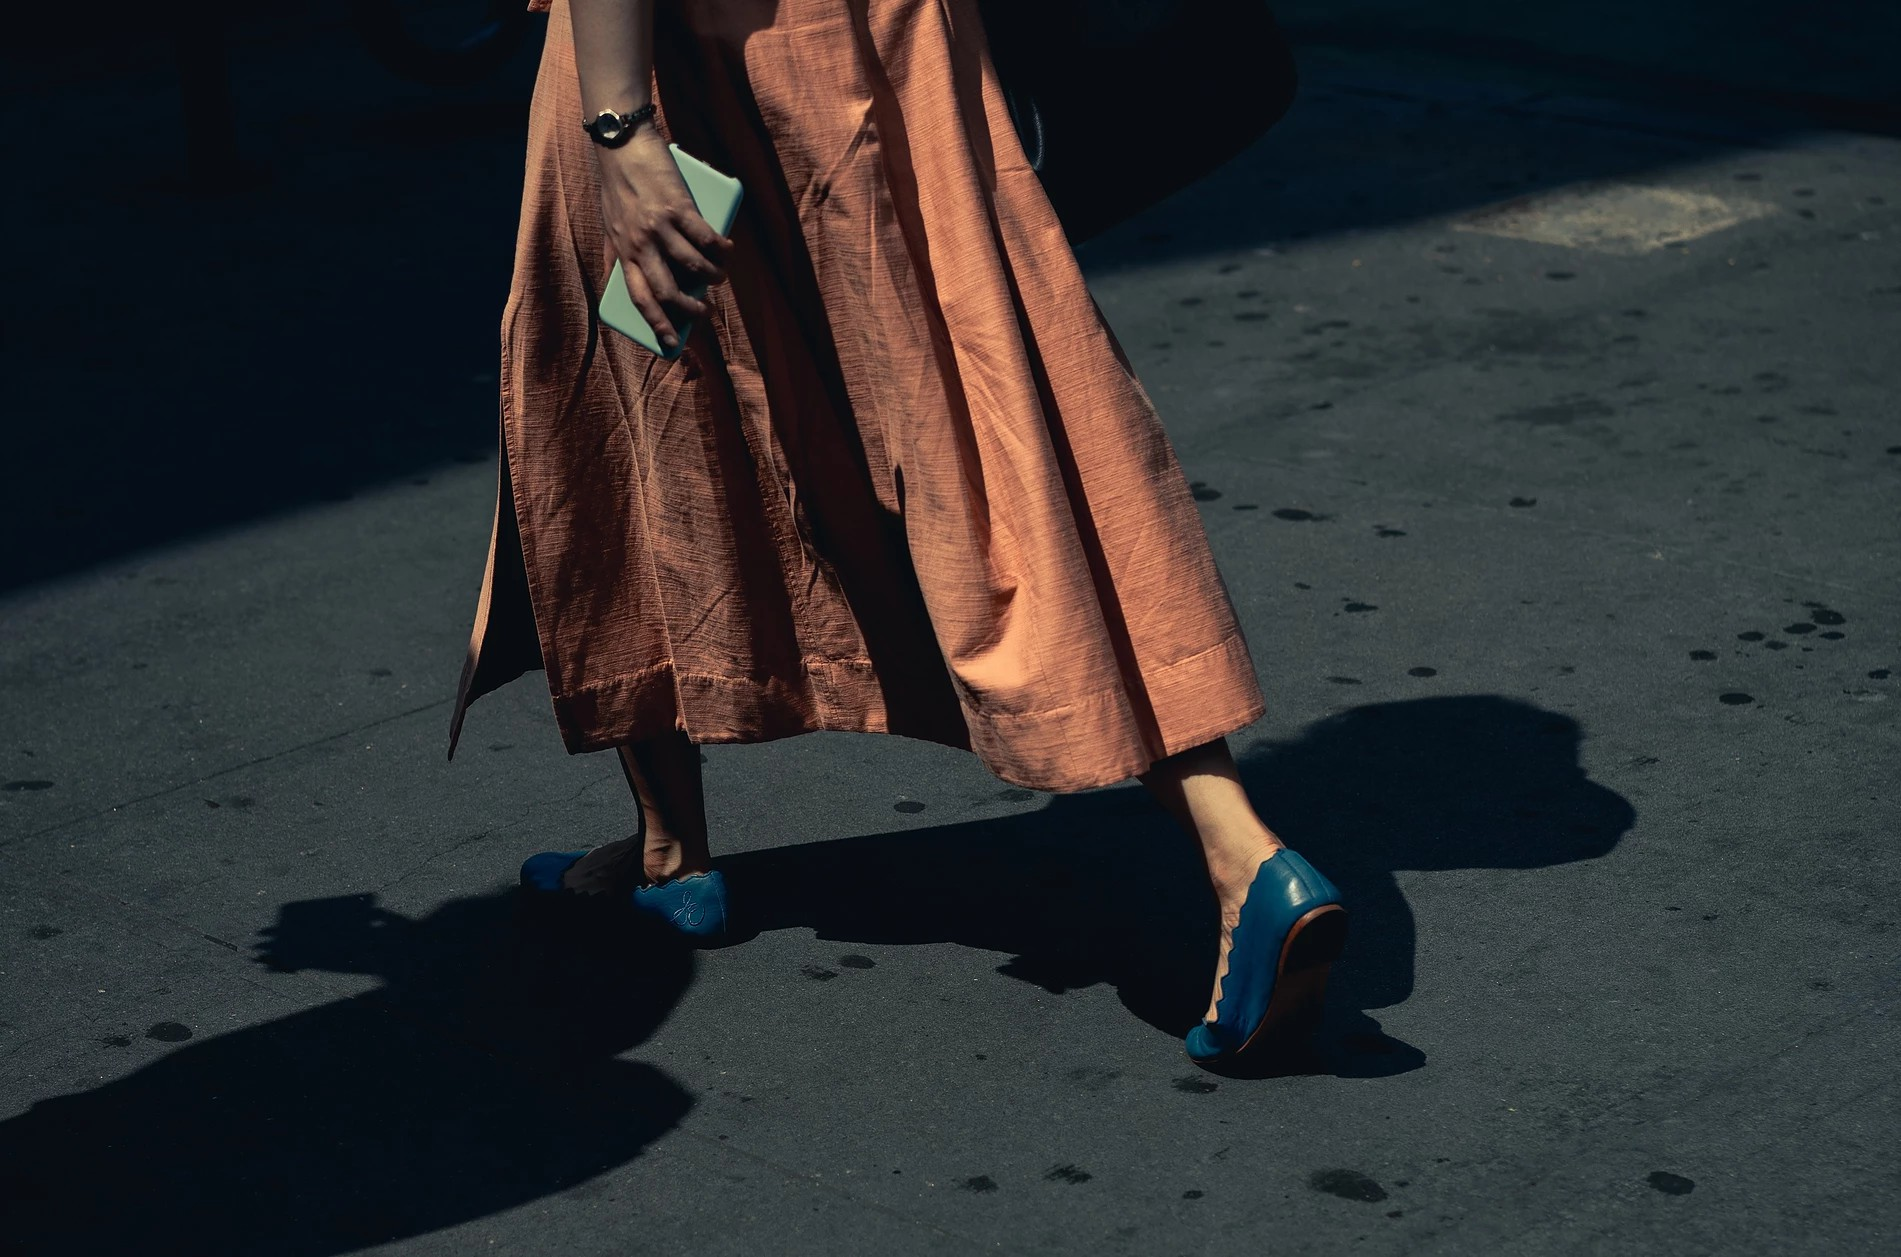 Nogi dziewczyny w butach